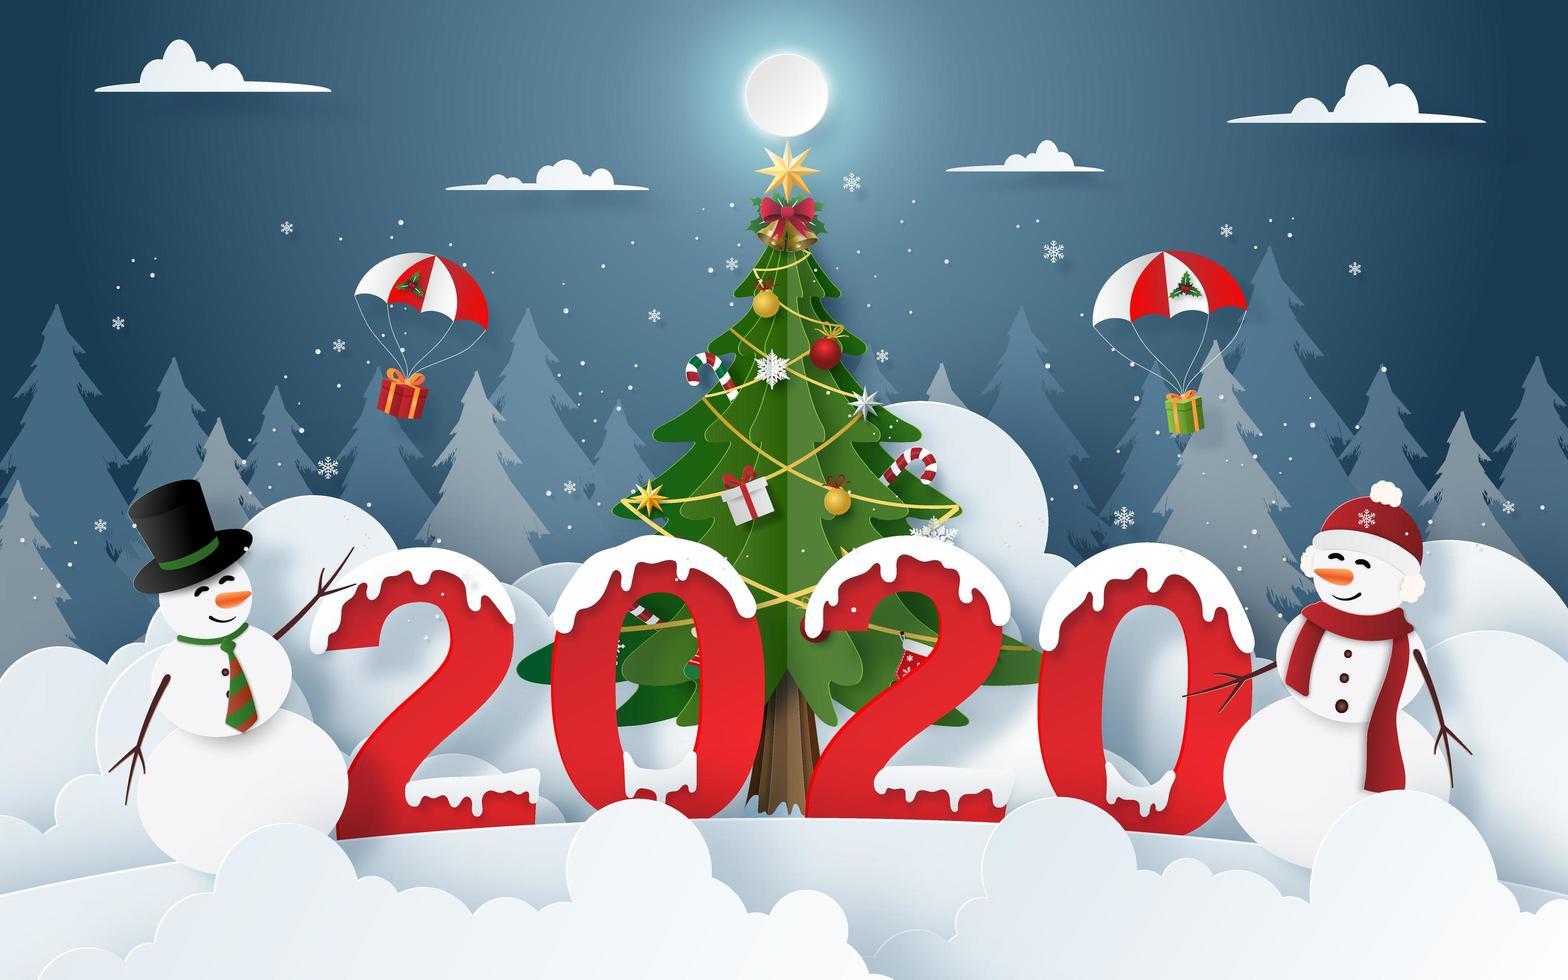 papierkunst van sneeuwman met Kerstmis en Nieuwjaar 2020 partij in kerstavond vector